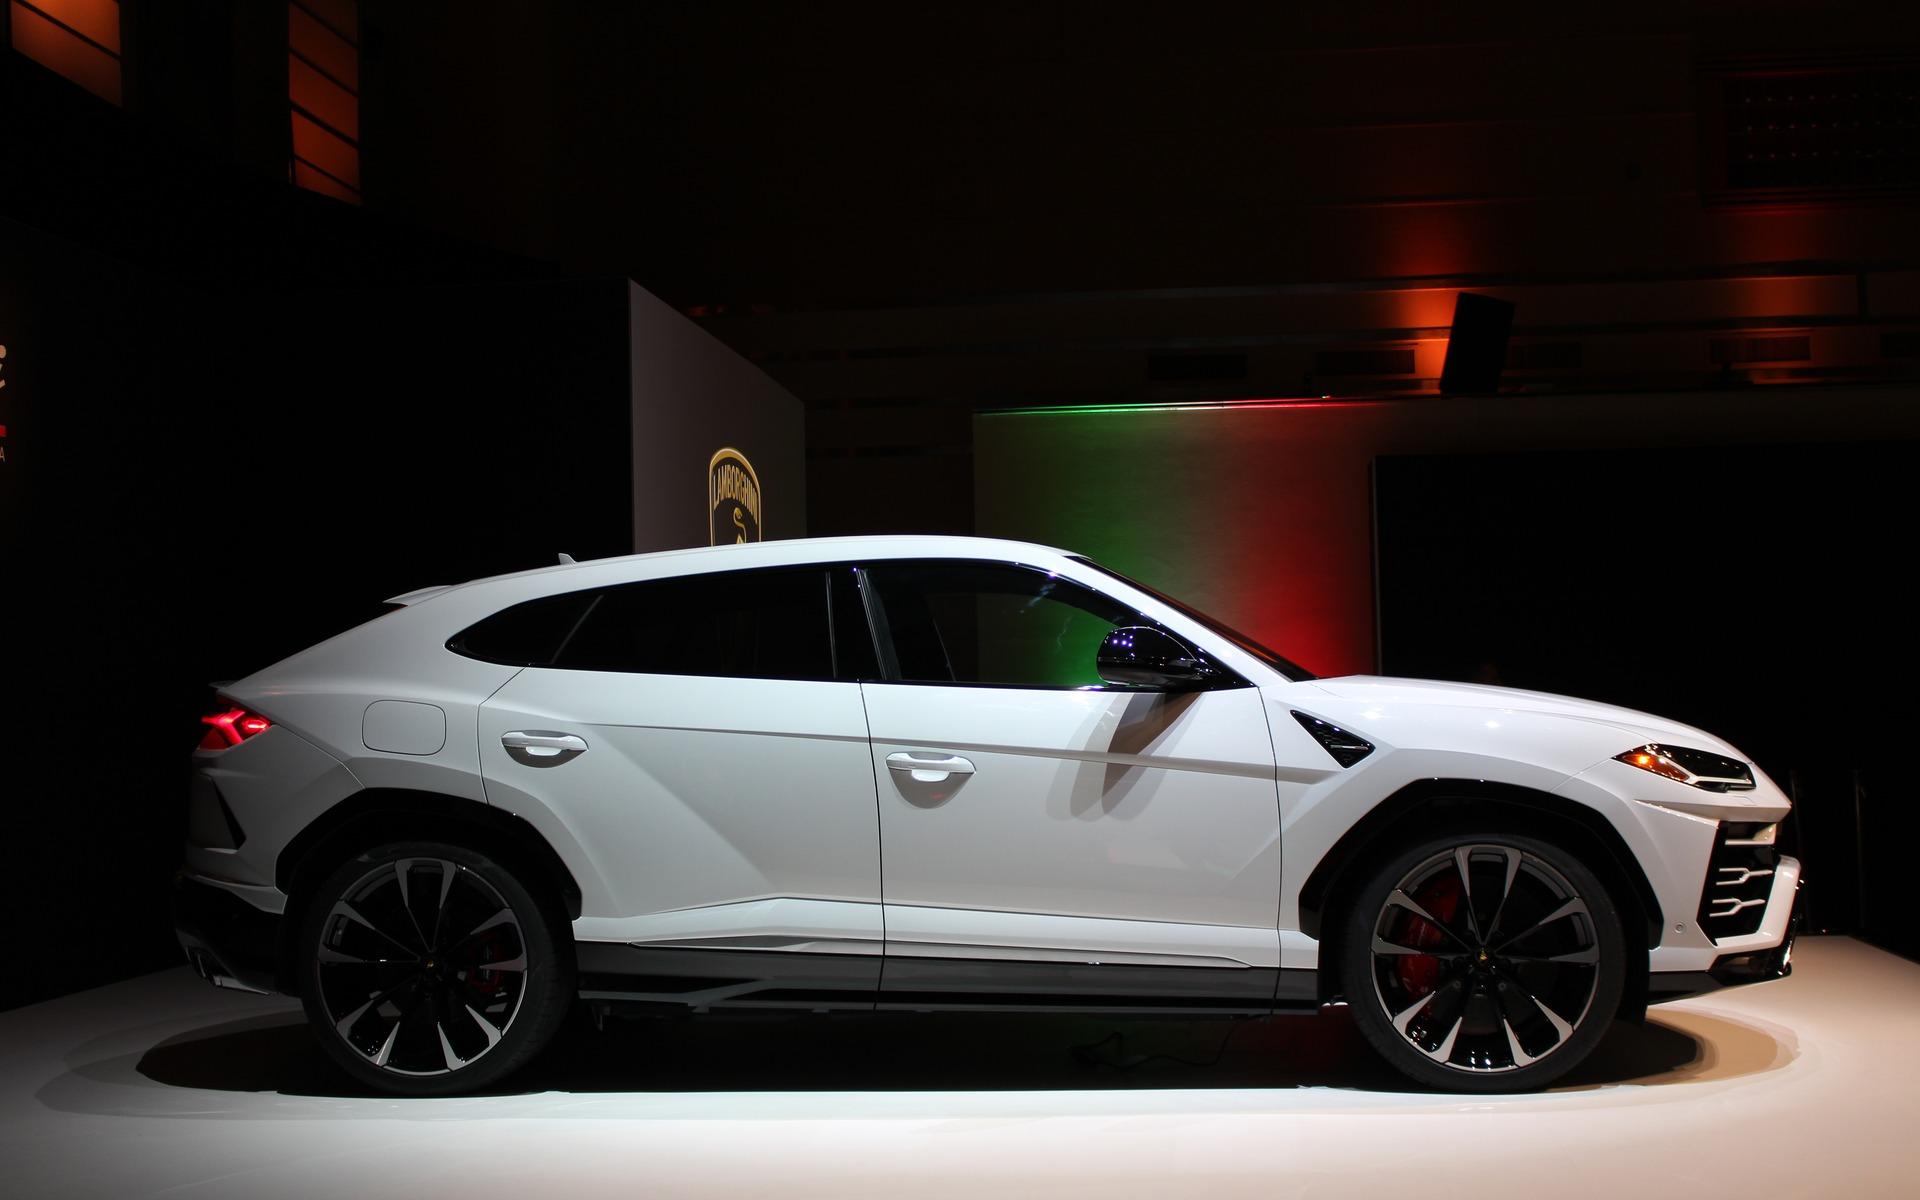 <p>2019 Lamborghini Urus Canadian premiere in Toronto</p>